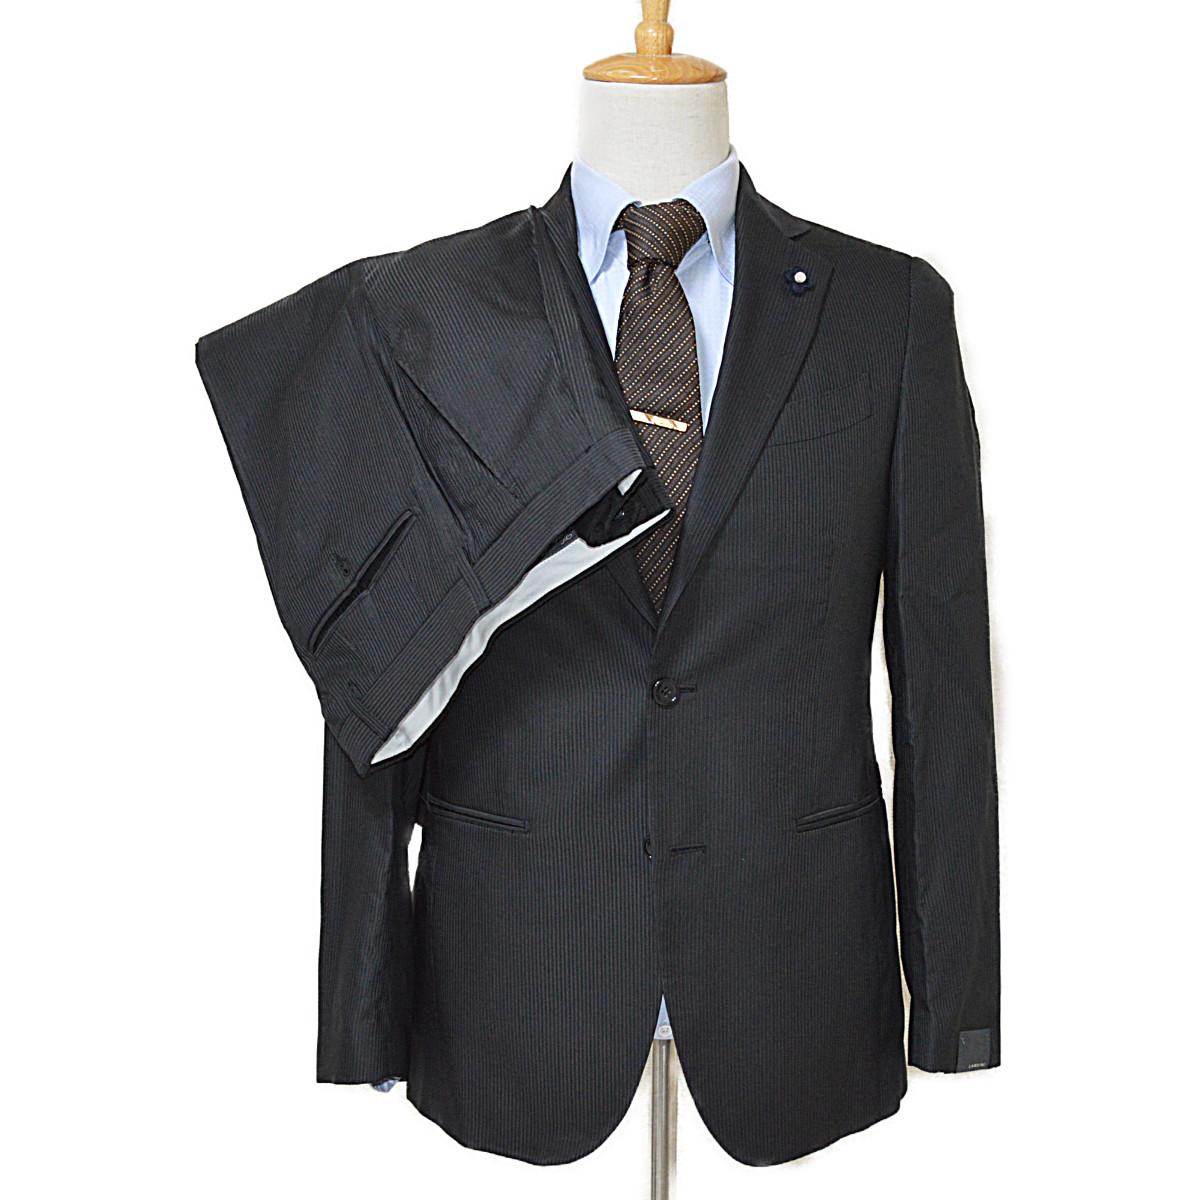 ◆ラルディーニ◆未使用品 ストライプ メンズスーツ ブートニエール付き LARDINI【中古】